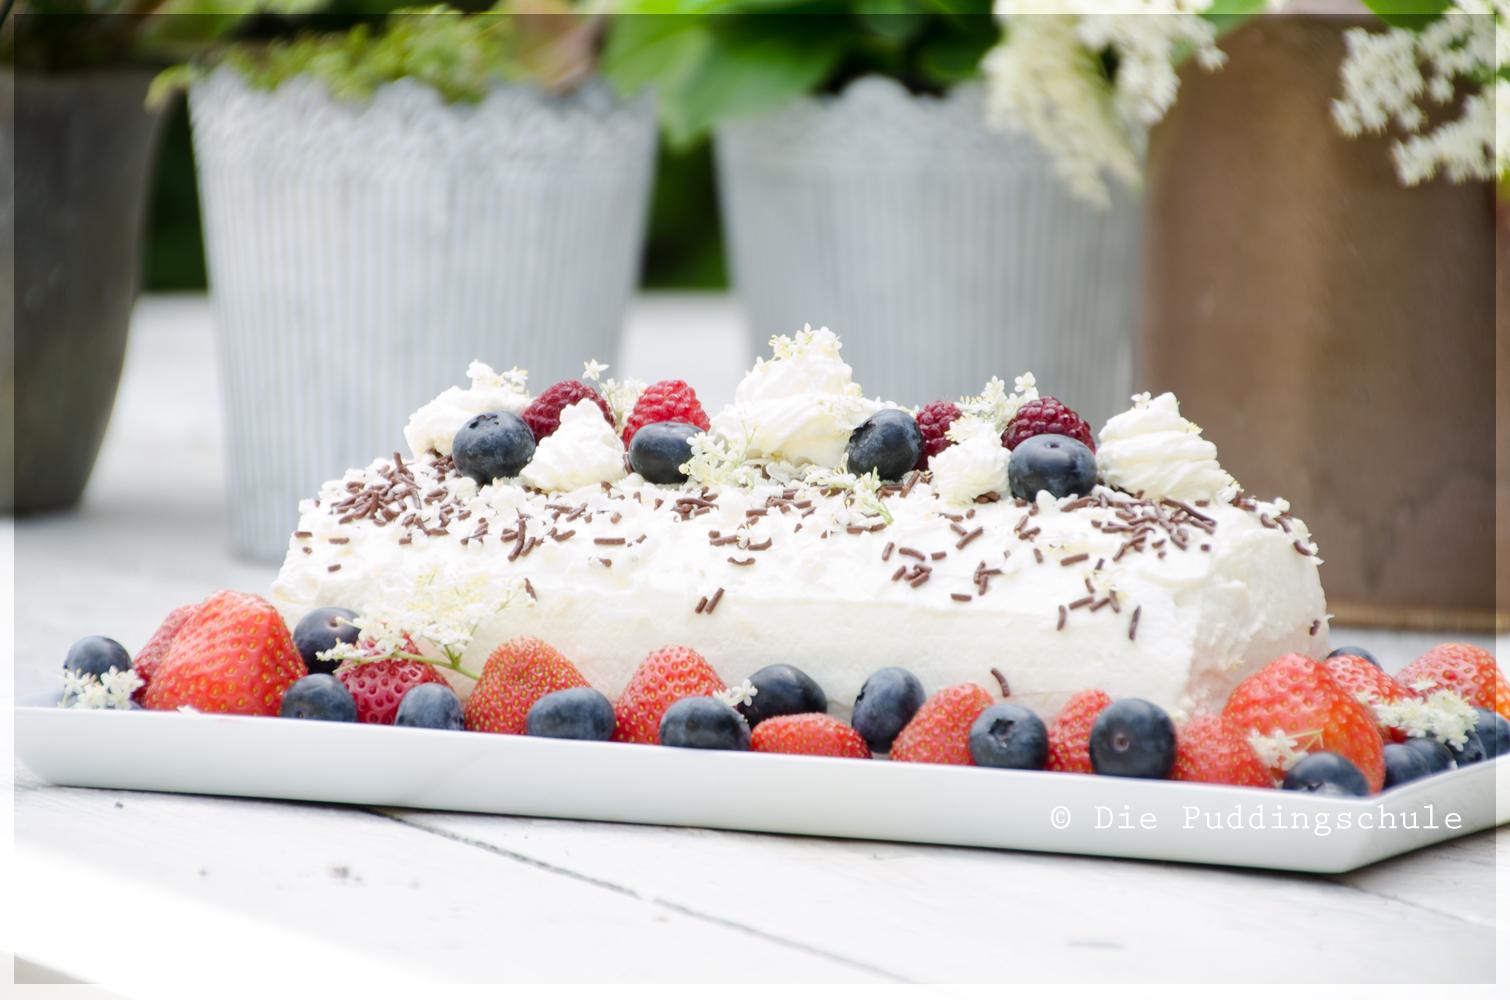 Biskuitrolle mit Erdbeeren, Heidelbeeren und Himbeeren